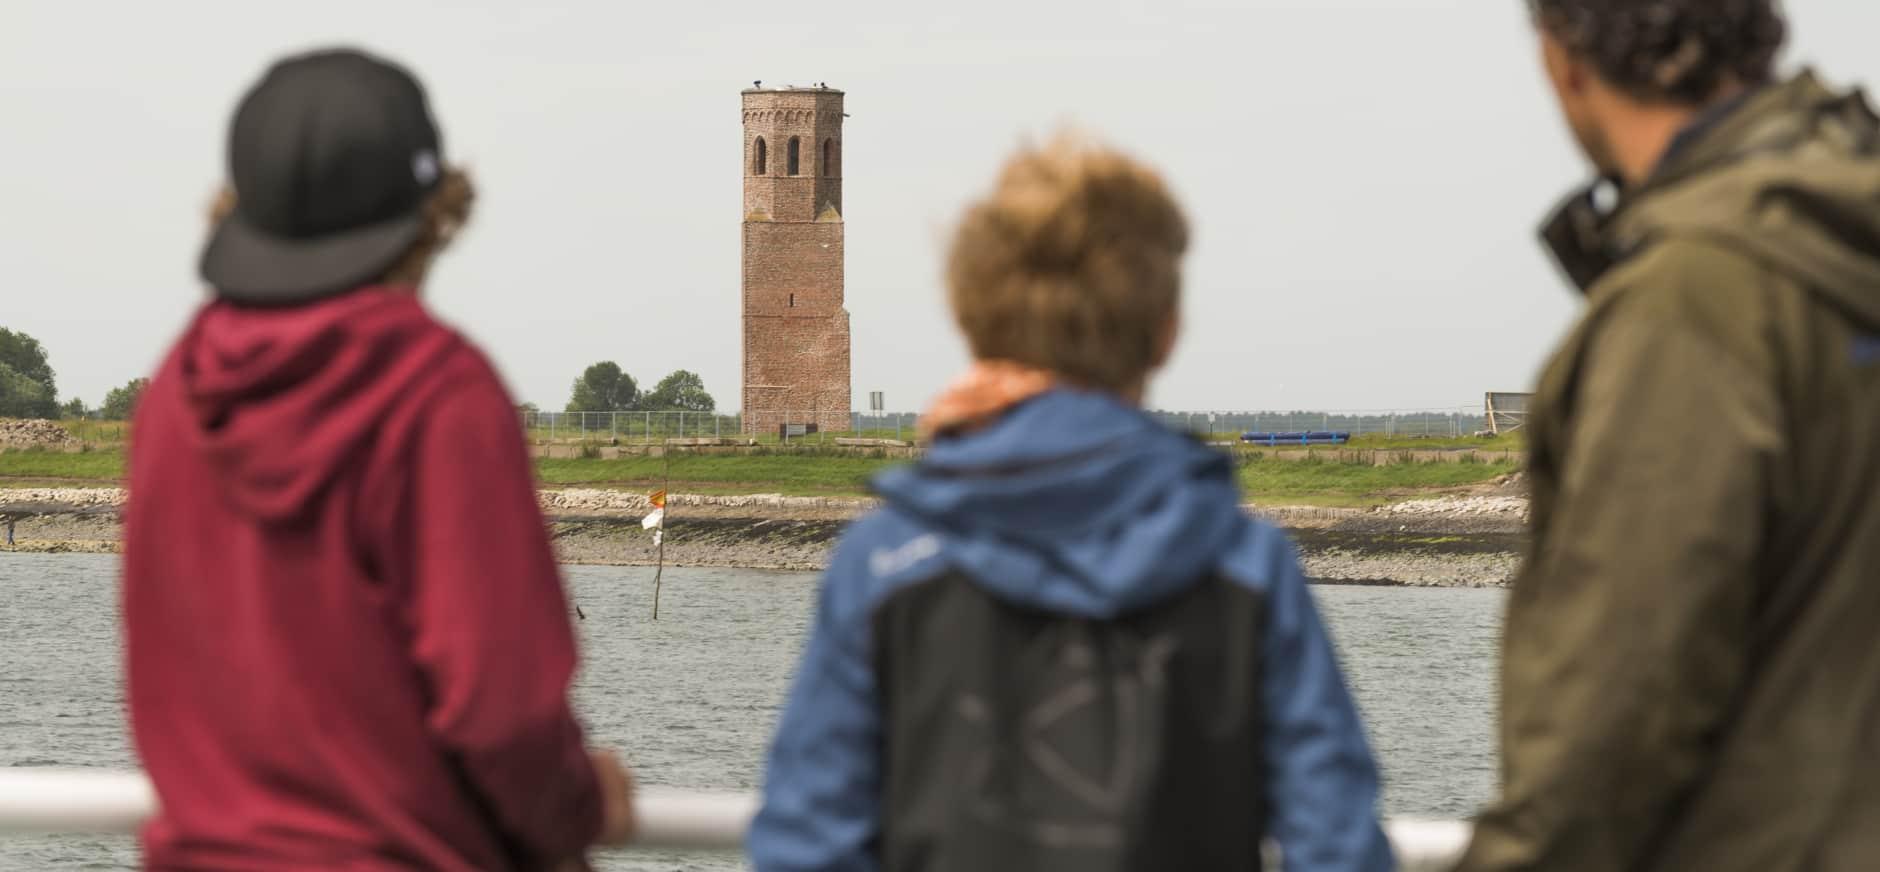 plome Toren Schouwen Duiveland